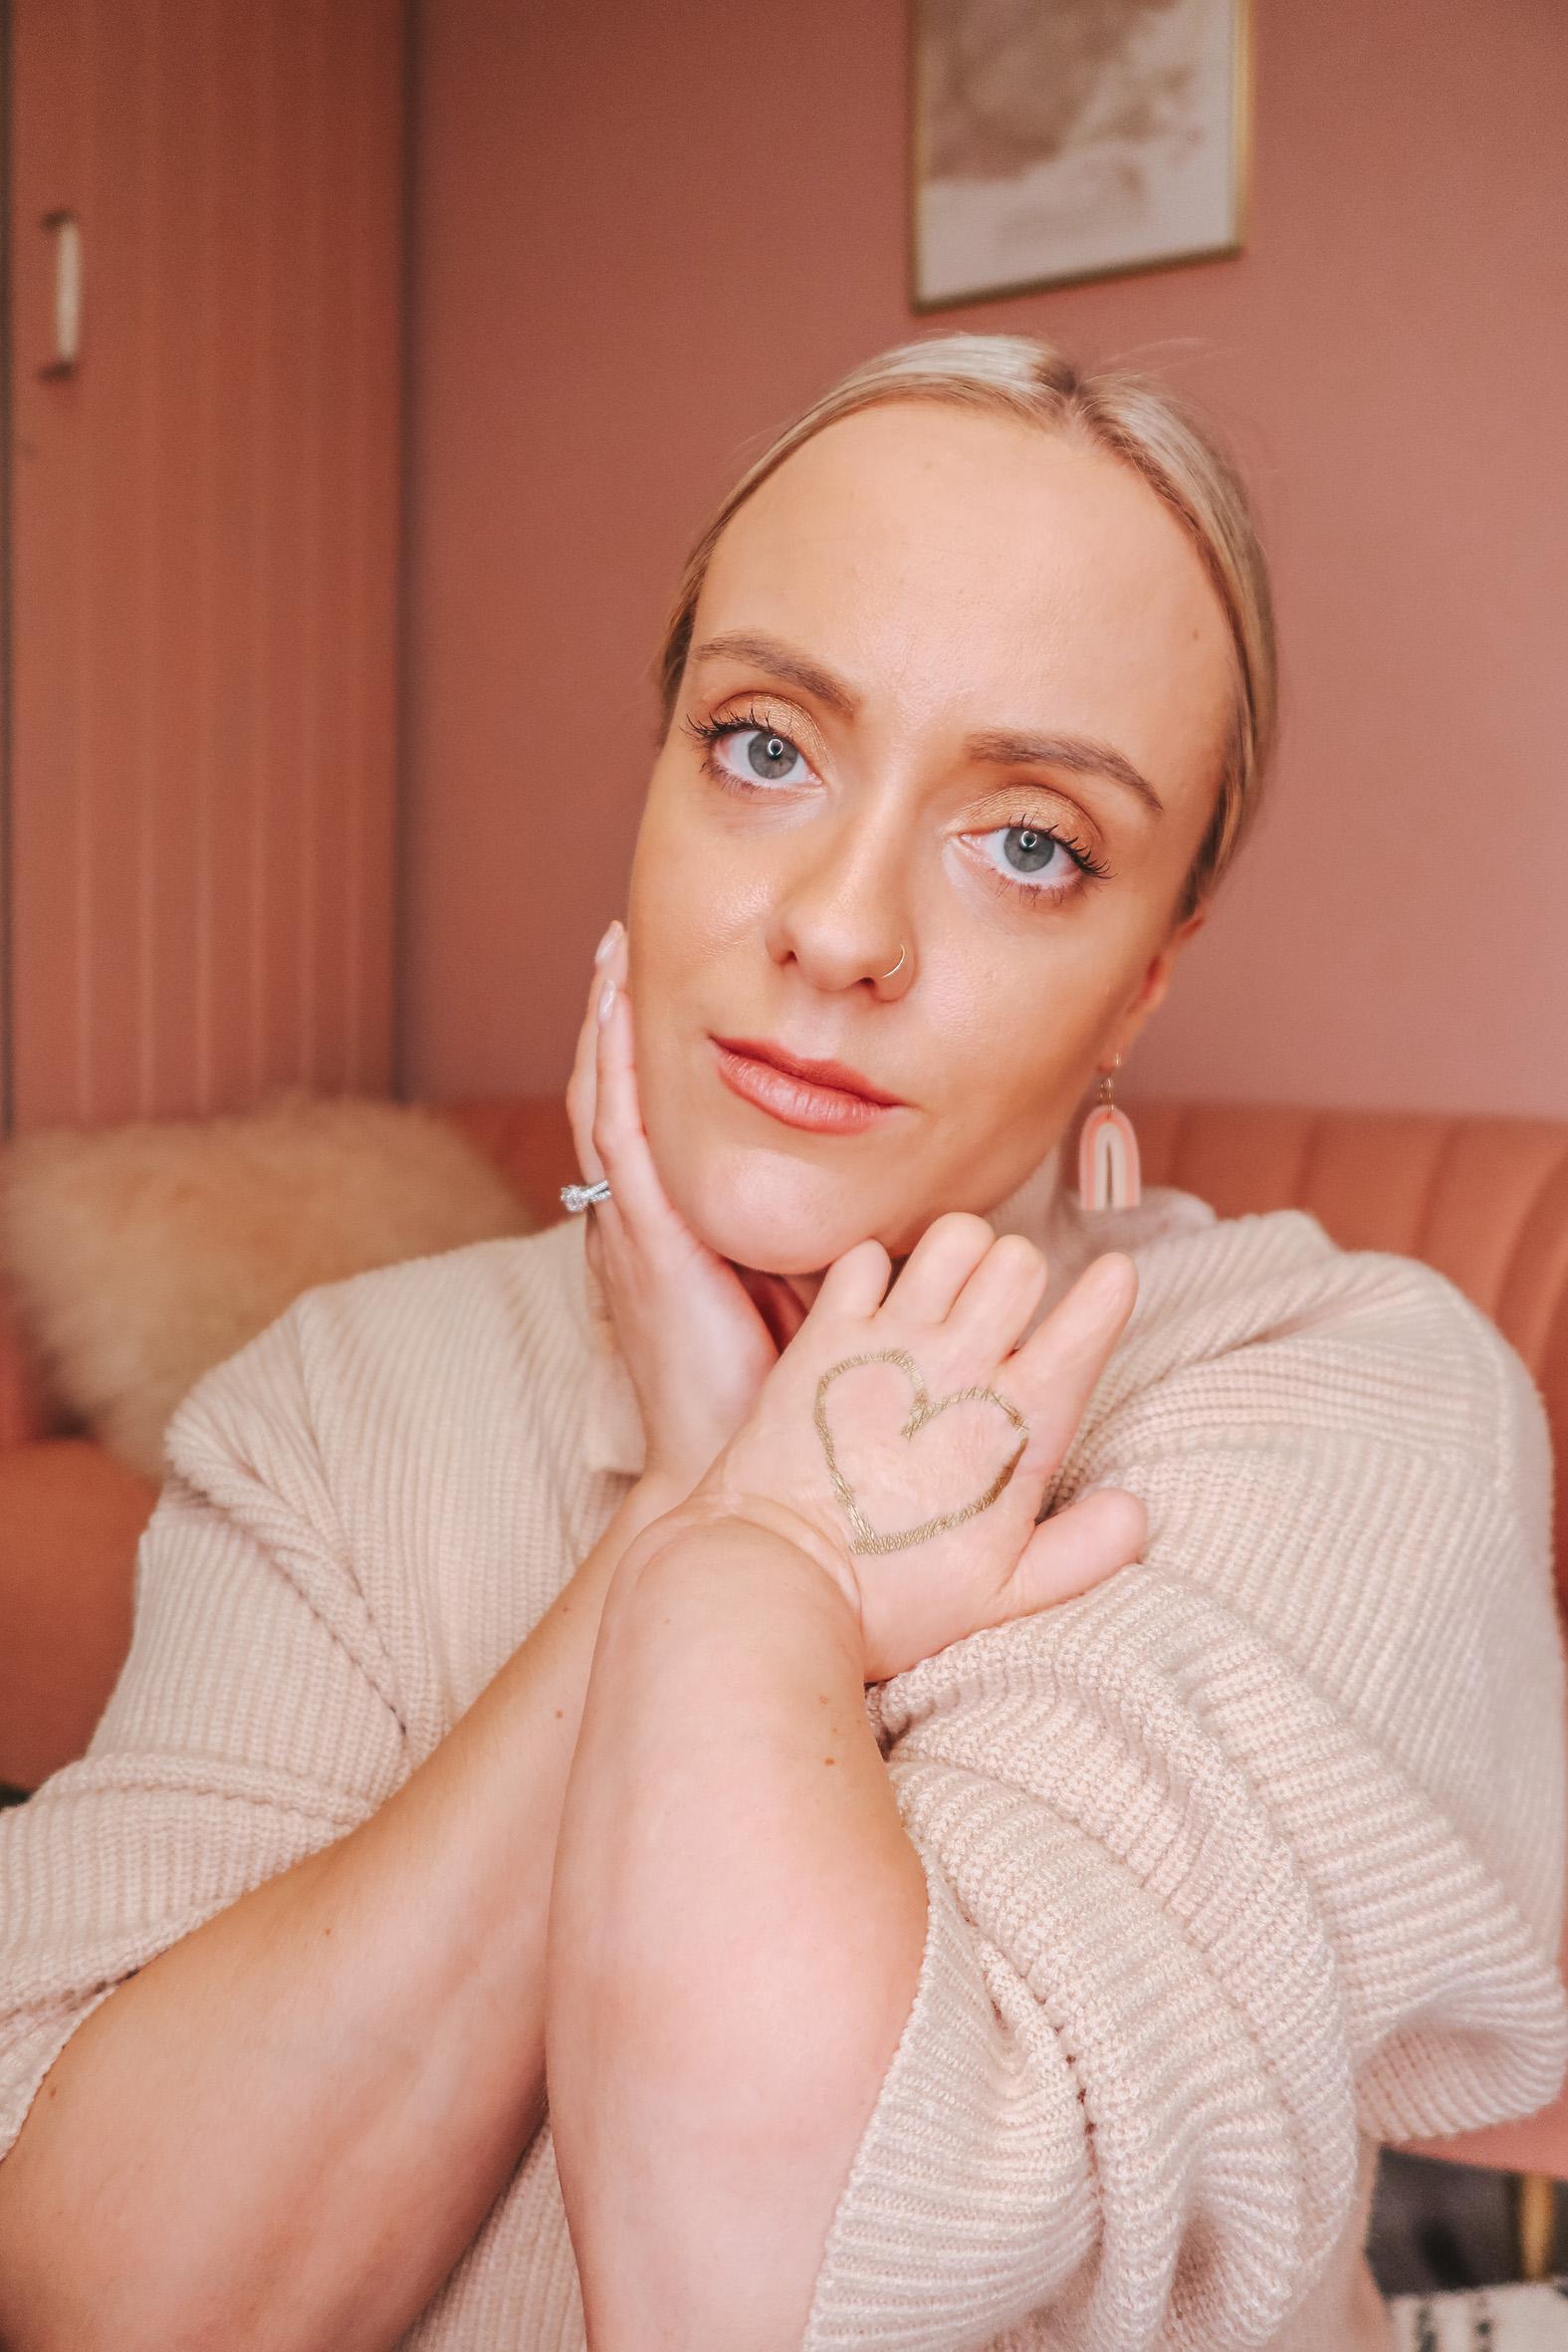 Megan, Zebedee Management_disabled_model